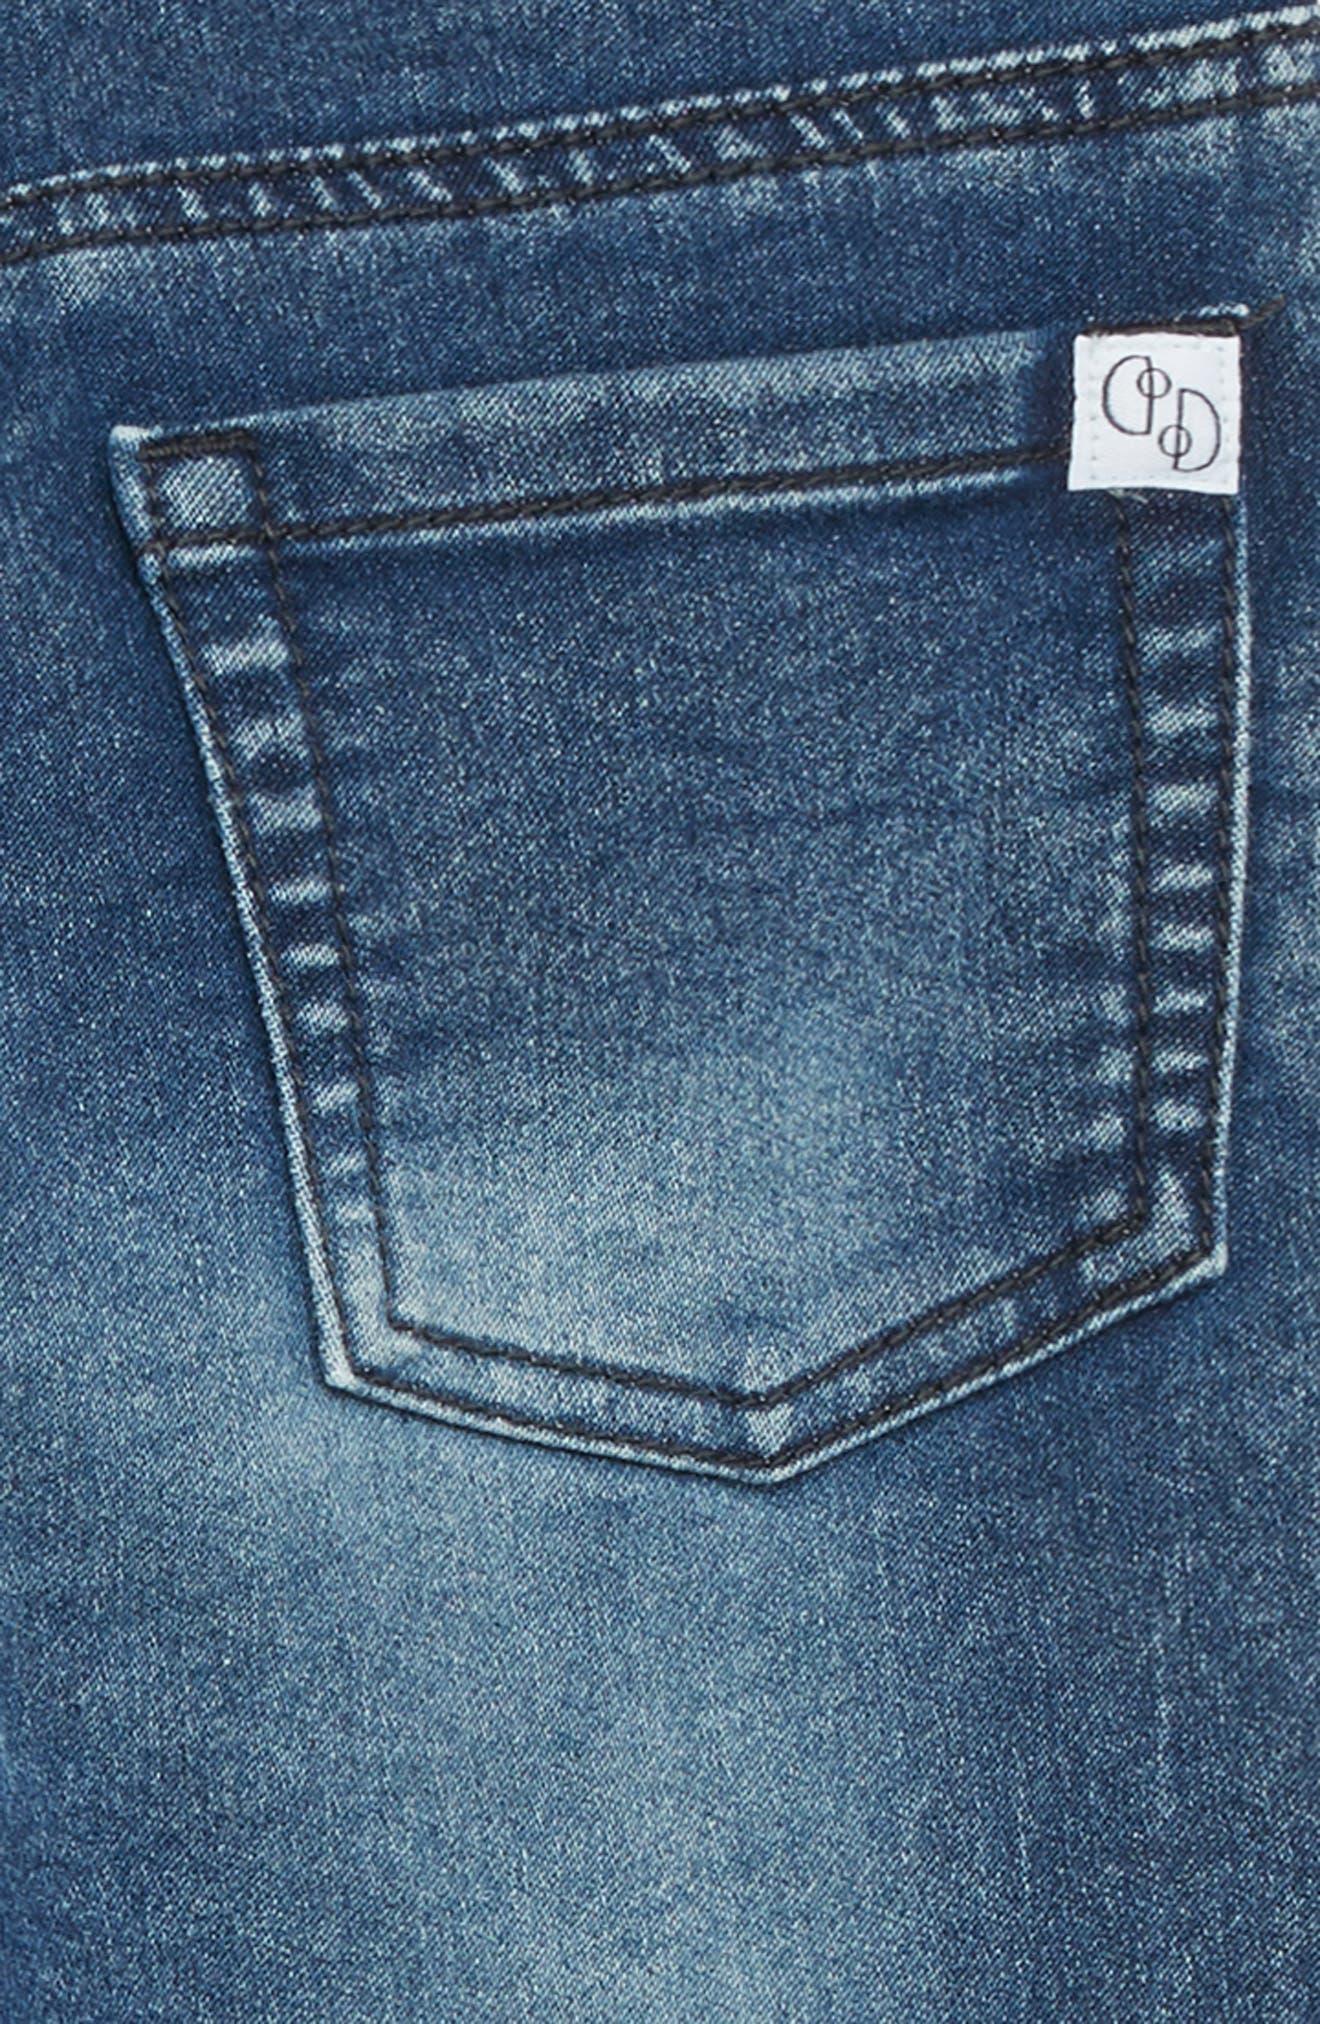 FLAPDOODLES,                             Knit Jeans,                             Alternate thumbnail 3, color,                             488